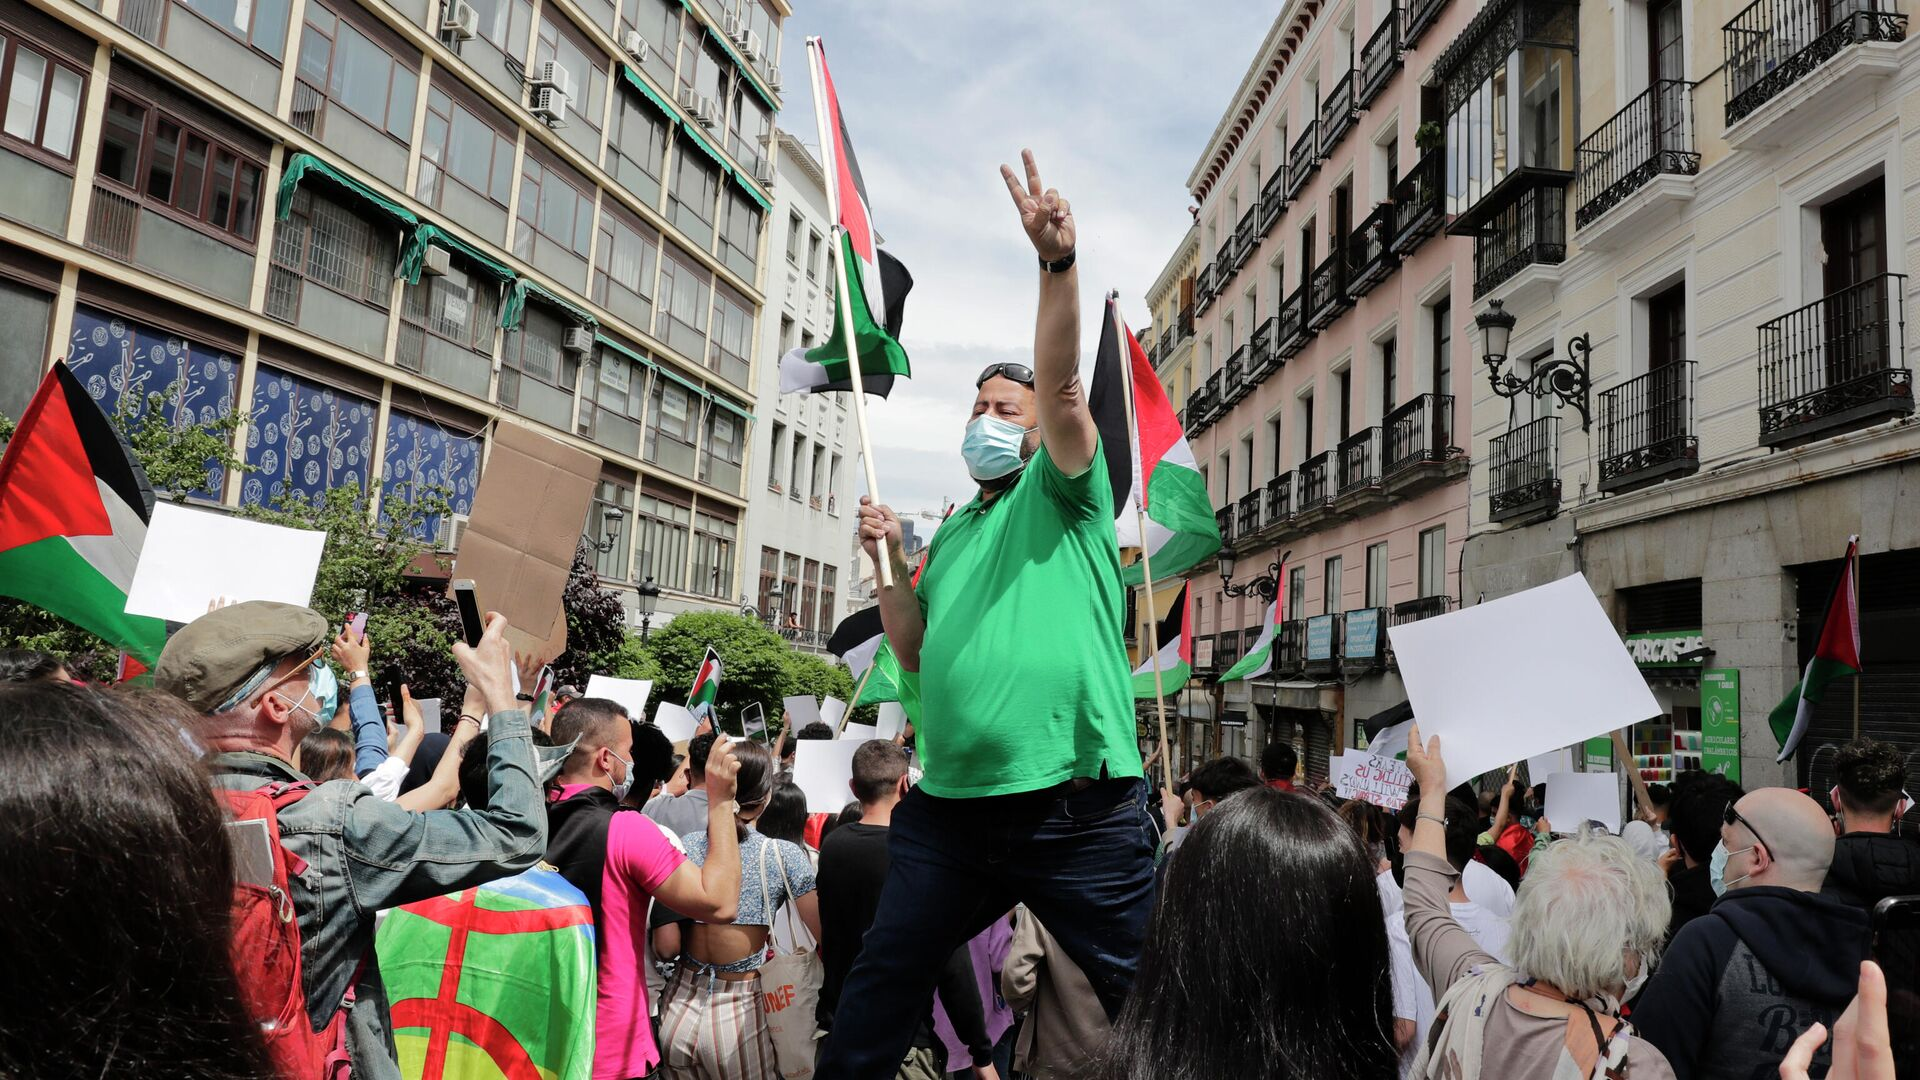 Демонстрация в поддержку Палестины в Мадриде - РИА Новости, 1920, 15.05.2021